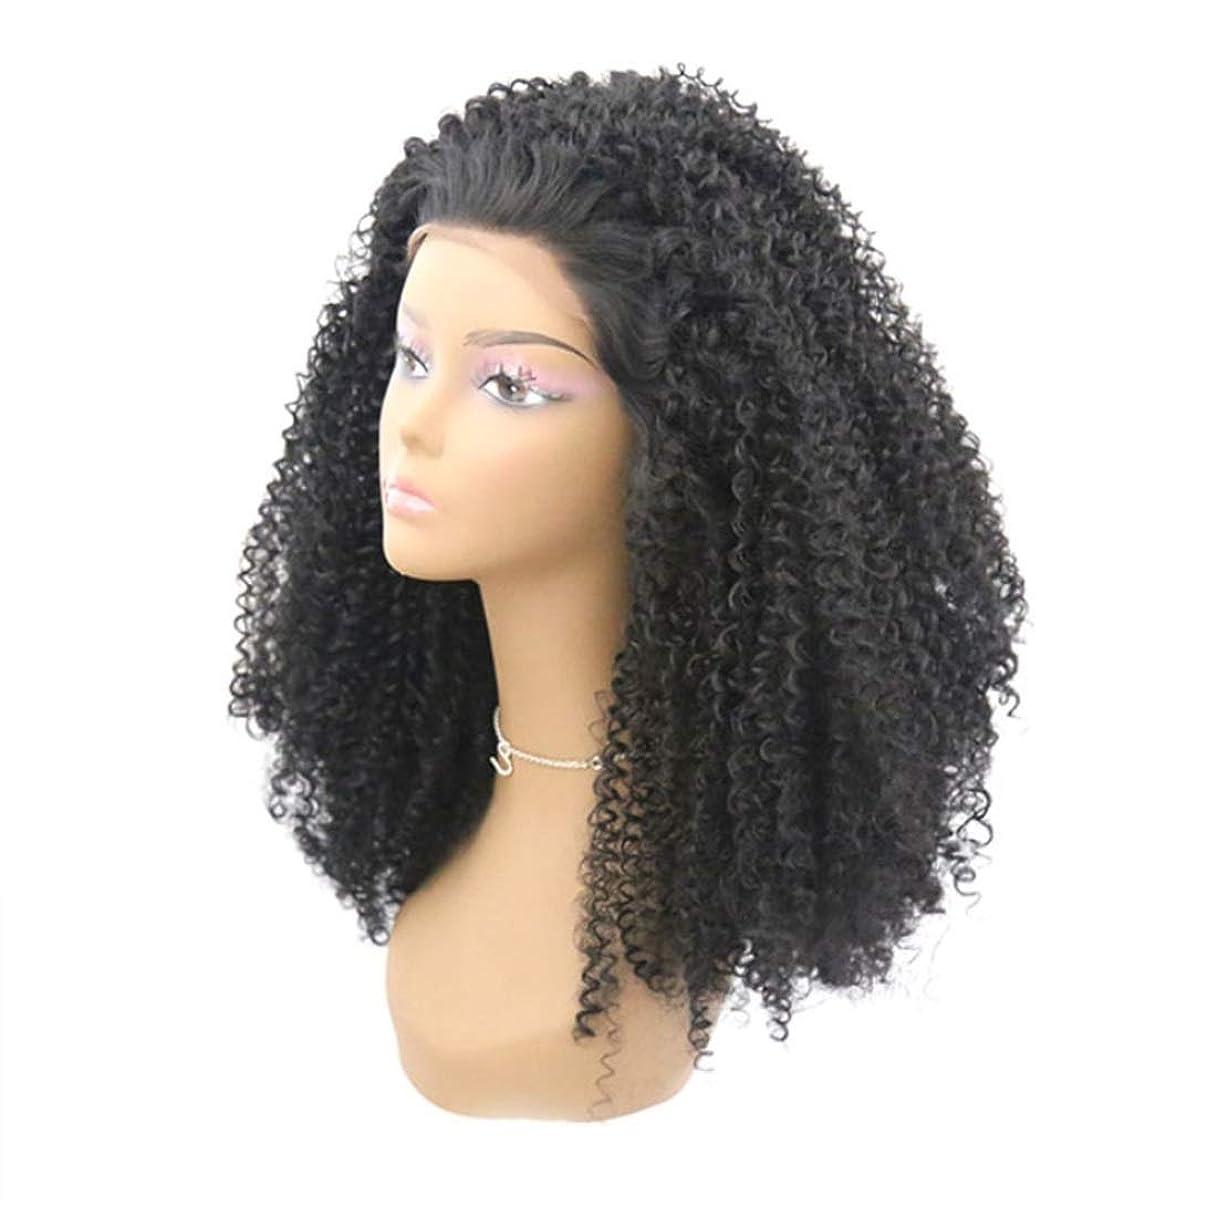 資産毎回味Summerys 合成かつらレースフロントかつら赤ん坊の毛髪自然な生え際耐熱ファイバーレースかつらで長い緩い巻き毛かつら女性のための自然な黒のかつら (Size : 24inch)